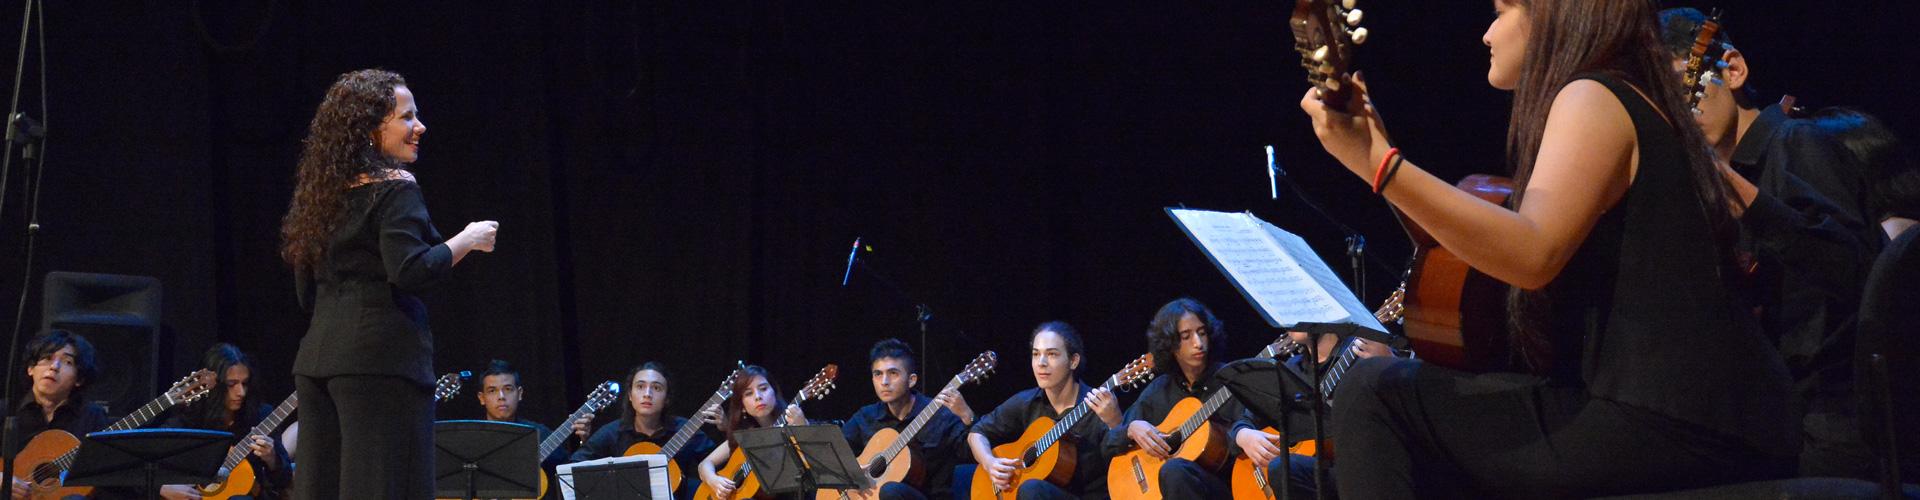 festival-internacional-de-guitarras-de-cartagena-de-indias3